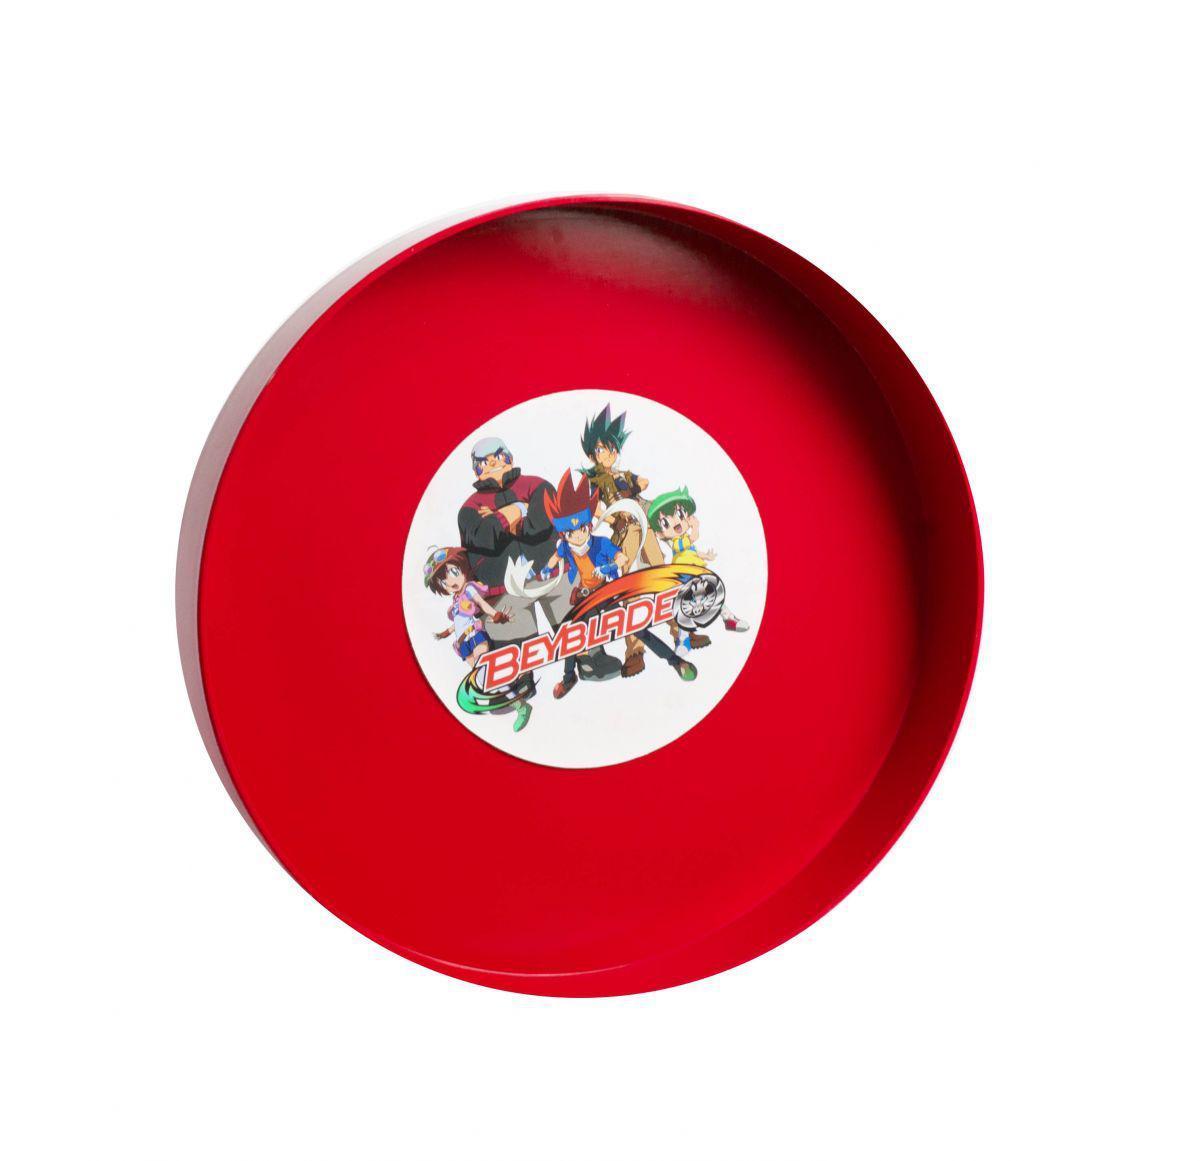 Арена Beyblade 35 см Красная